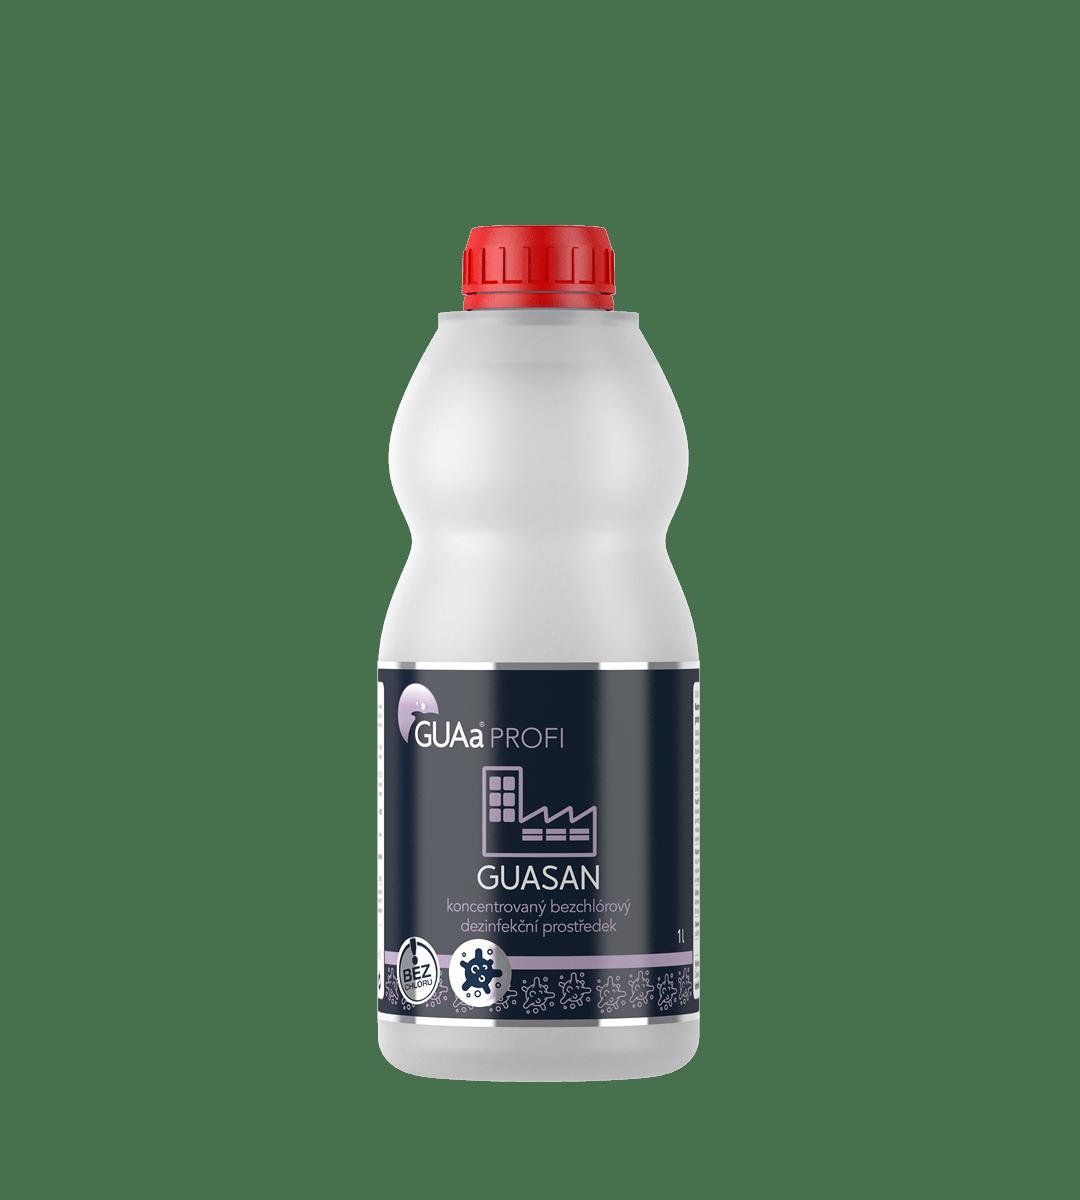 GUAa PROFI GUASAN 1 l - koncentrovaný bezchlórový dezinfekční prostředek